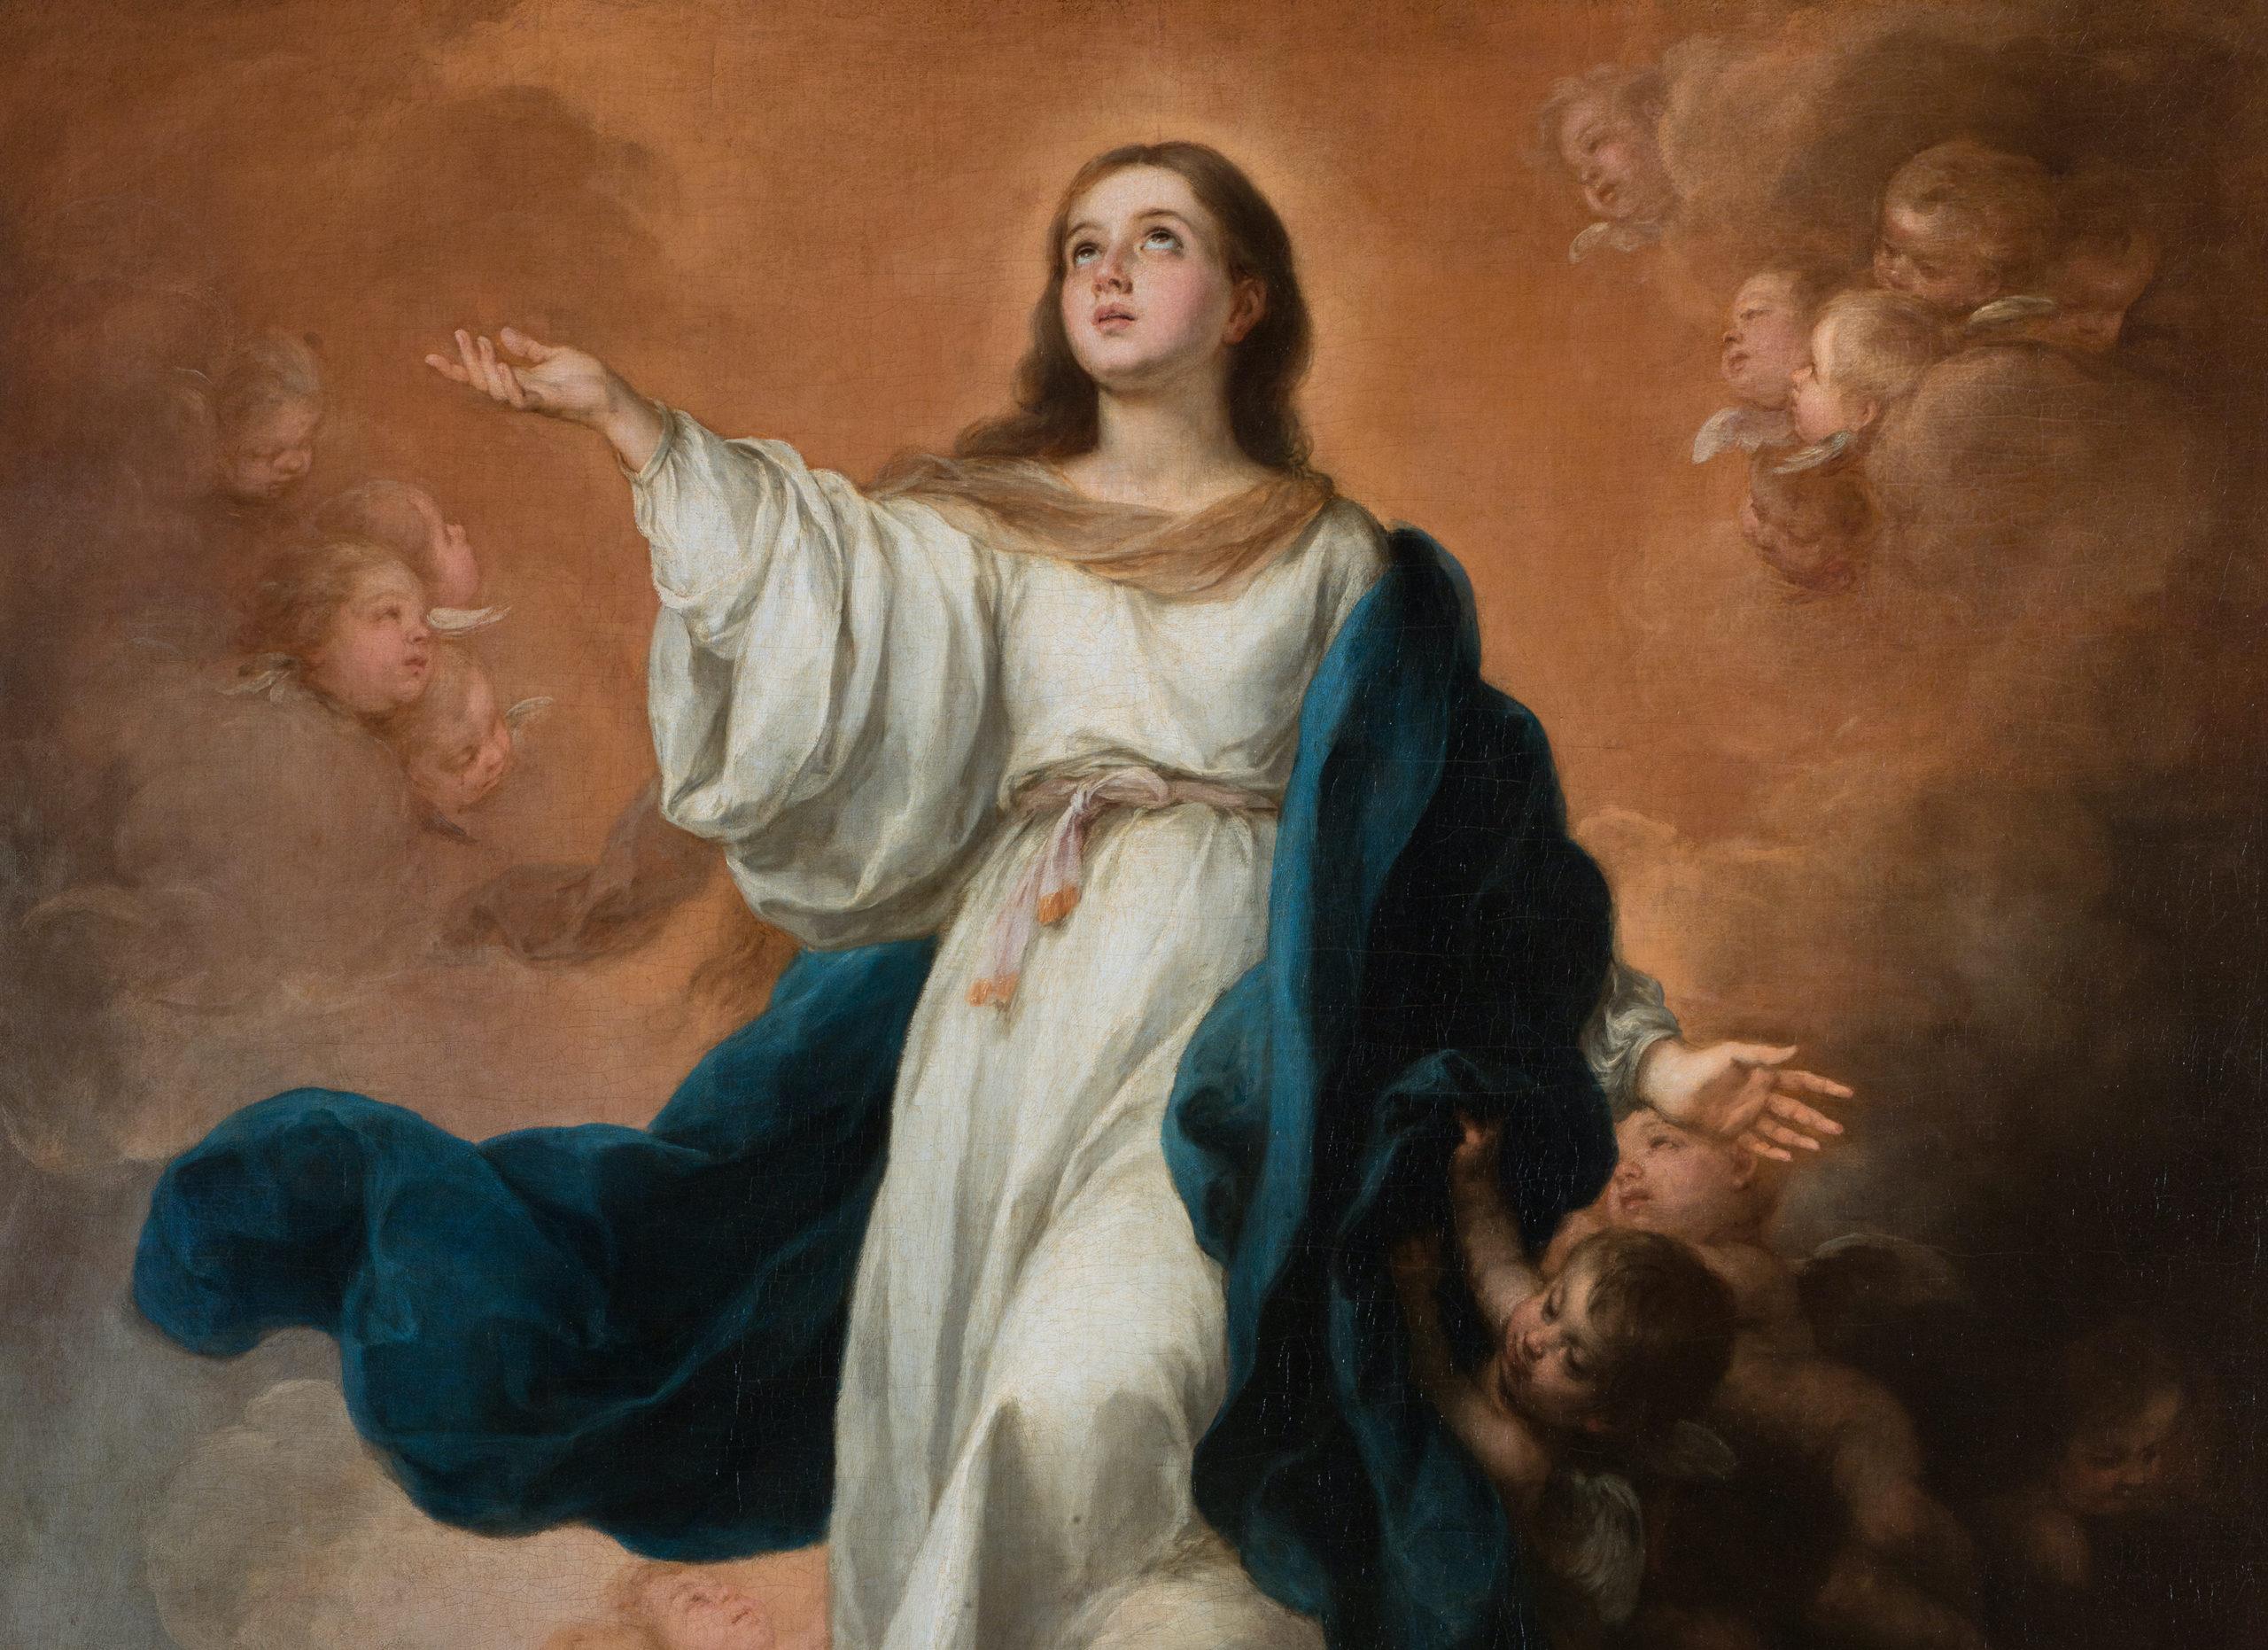 Bartolomé Esteban Murillo – Assumption of the Virgin